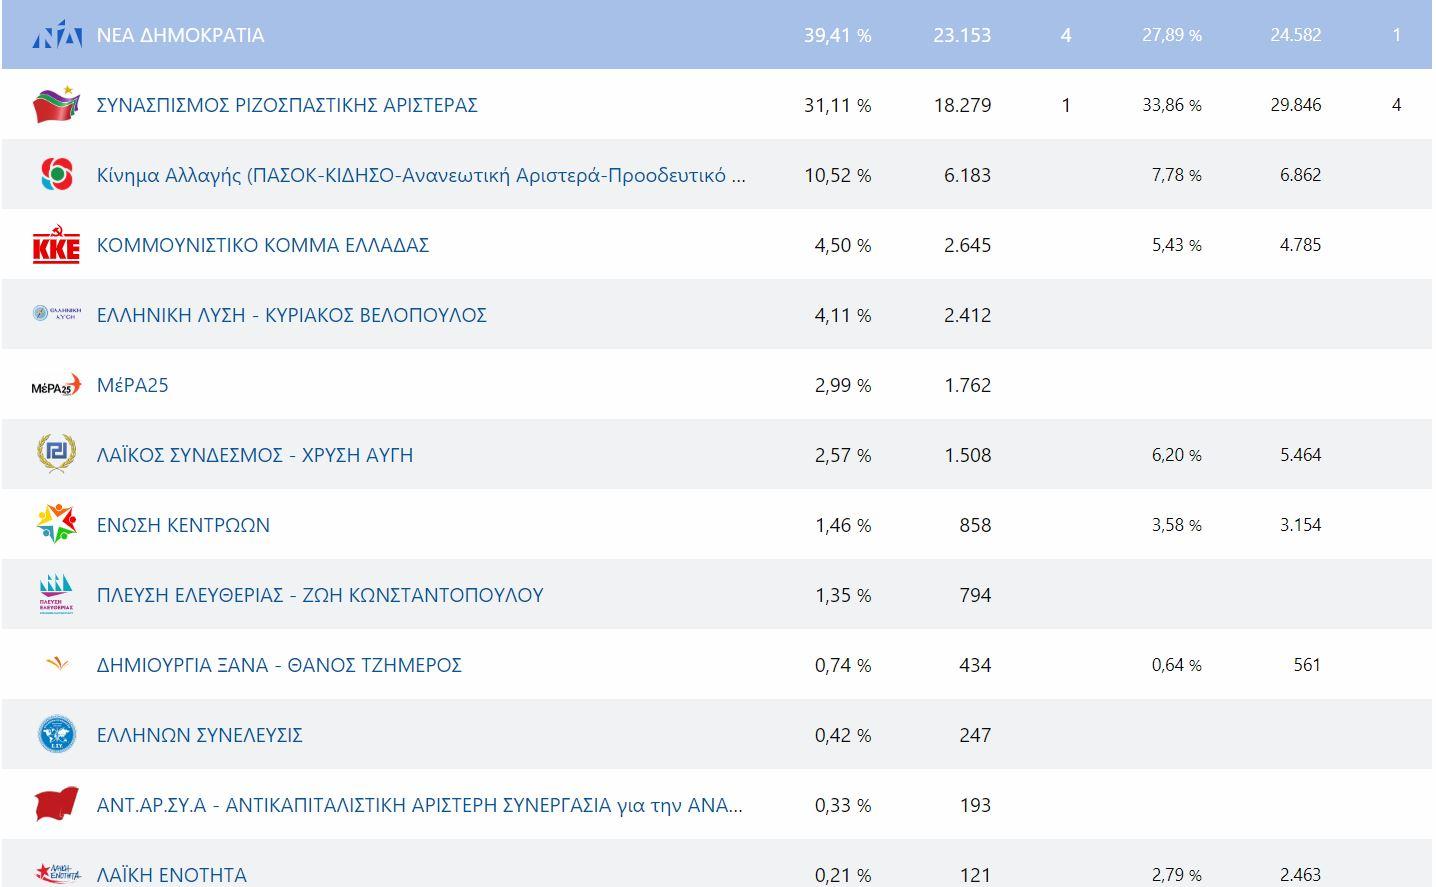 ozan.gr: Ώρα 22.25: Η μέχρι στιγμής κατανομή των εδρών στη Π.Ε. Κοζάνης σε 256 από 383 εκλoγικά τμήματα, με ενσωμάτωση 66,84%